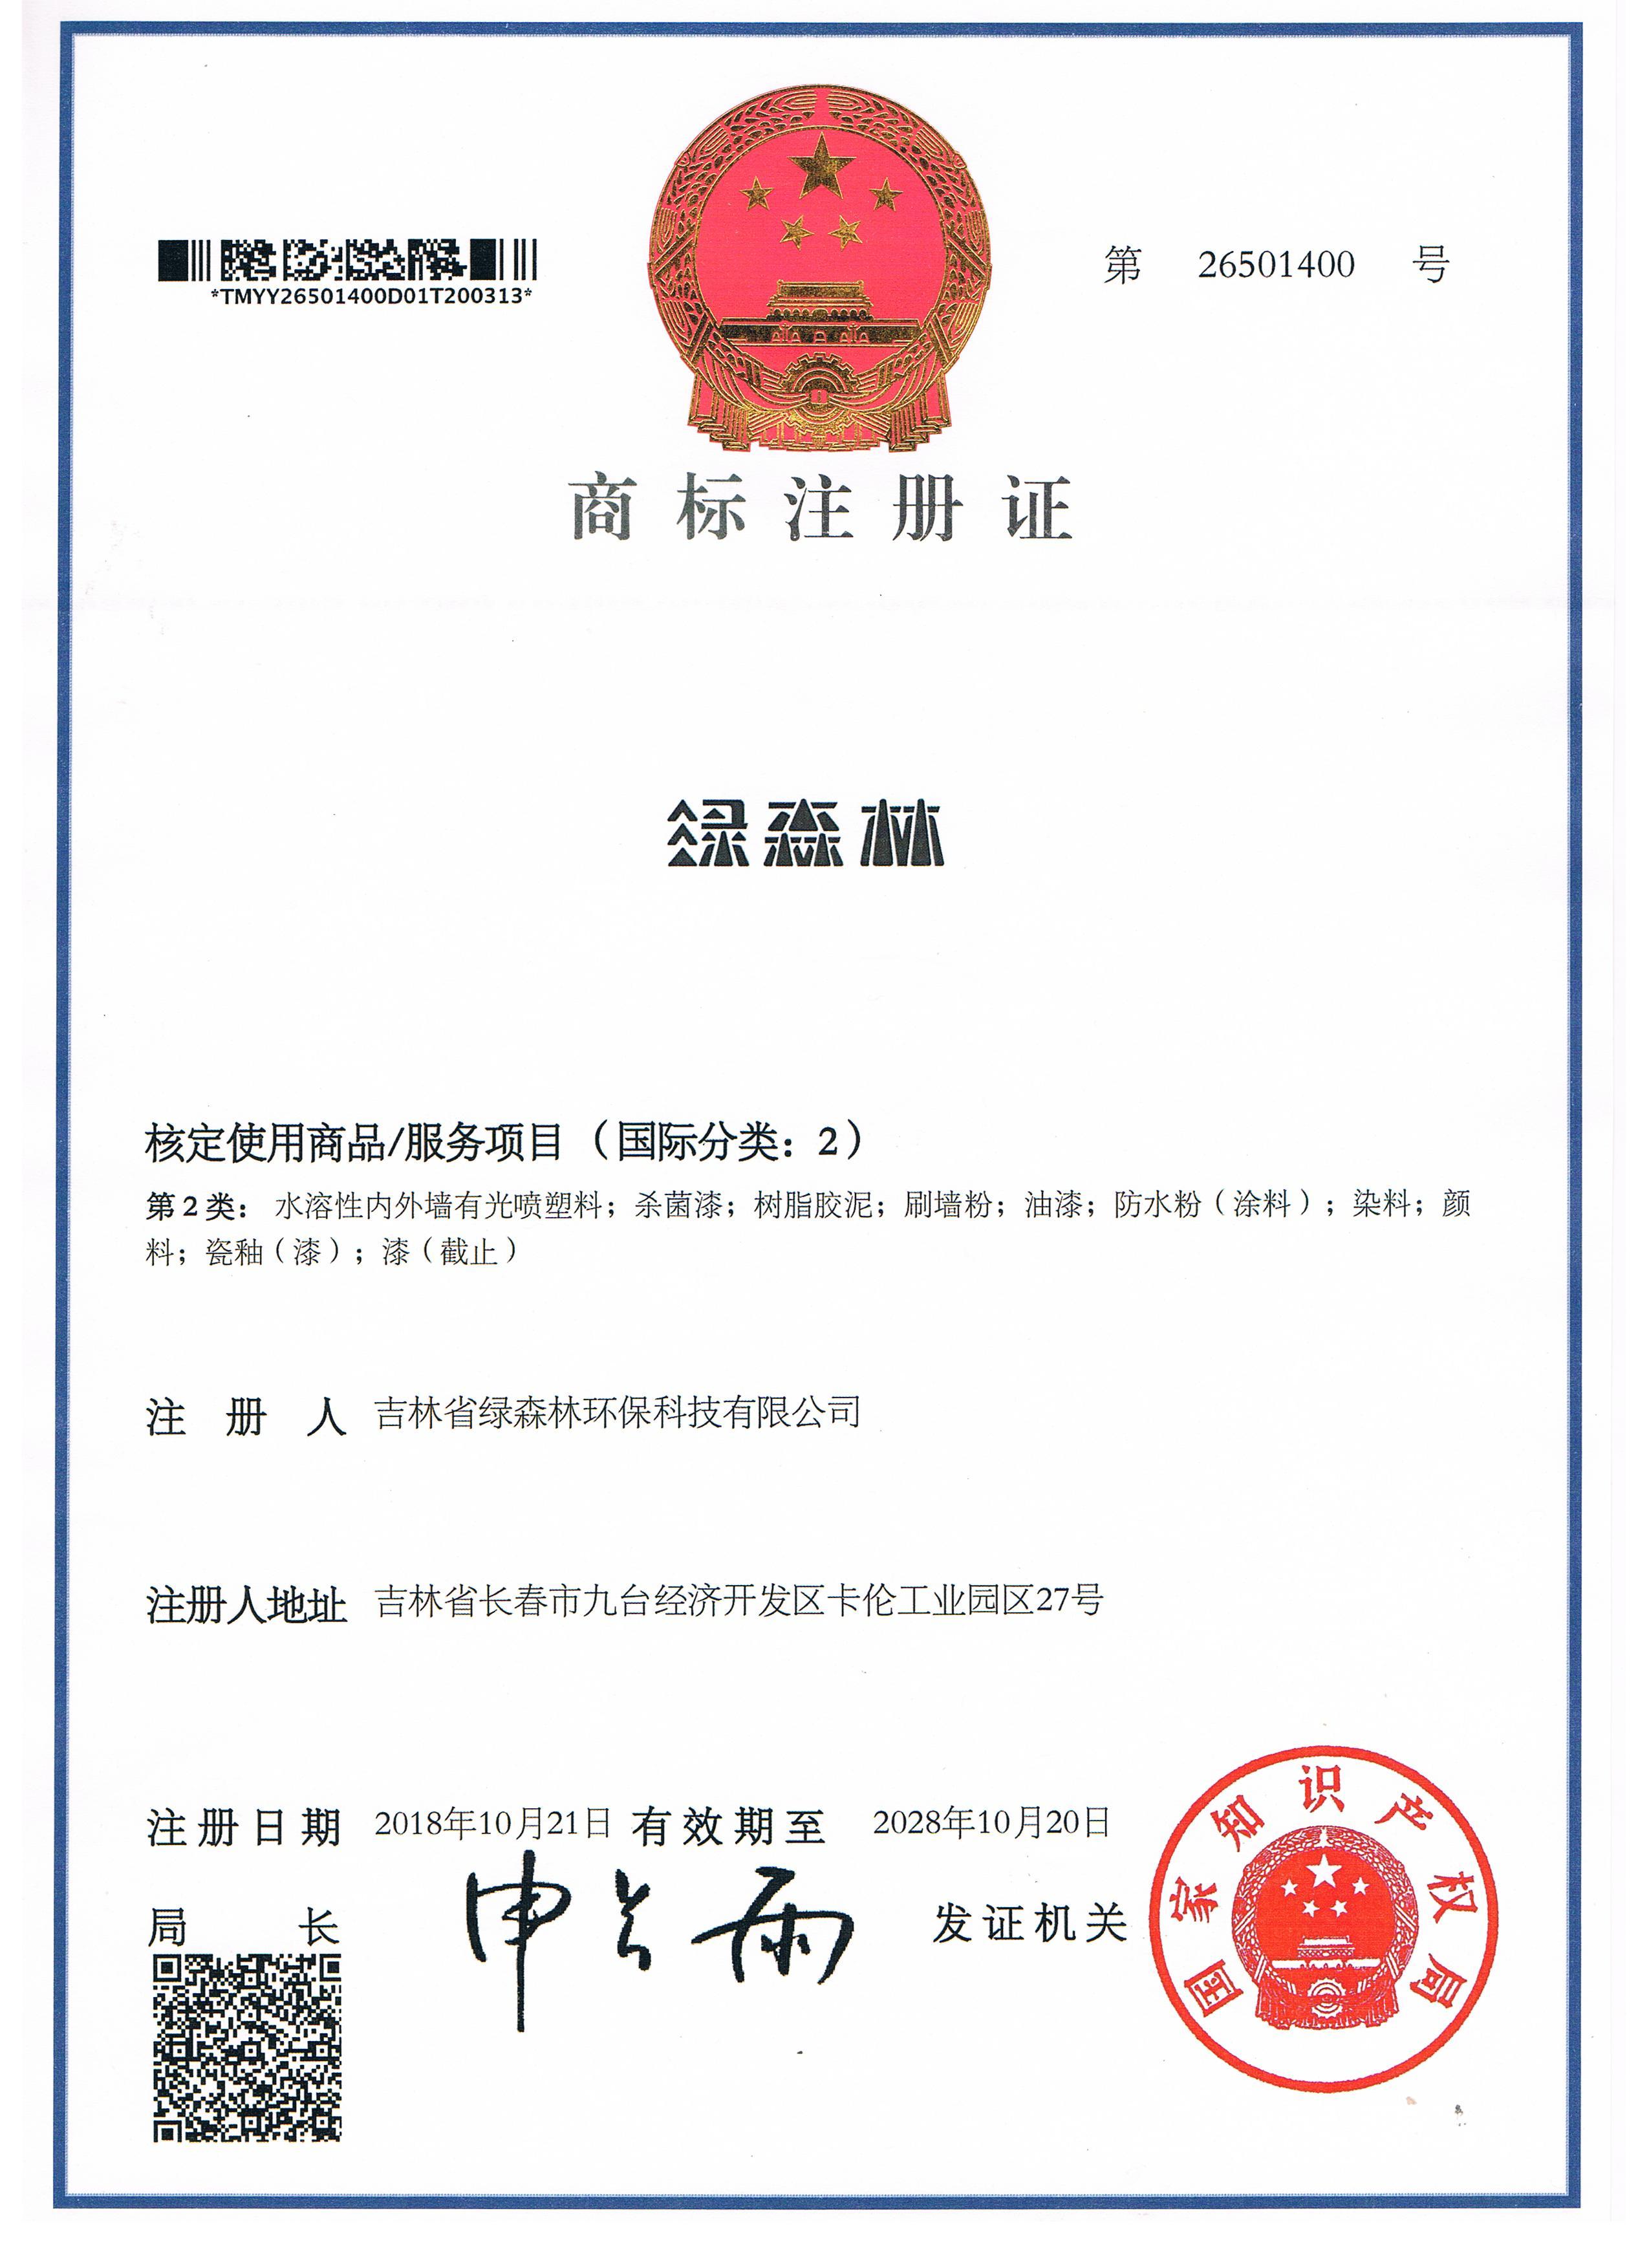 永利集团娱乐商标注册证.jpg